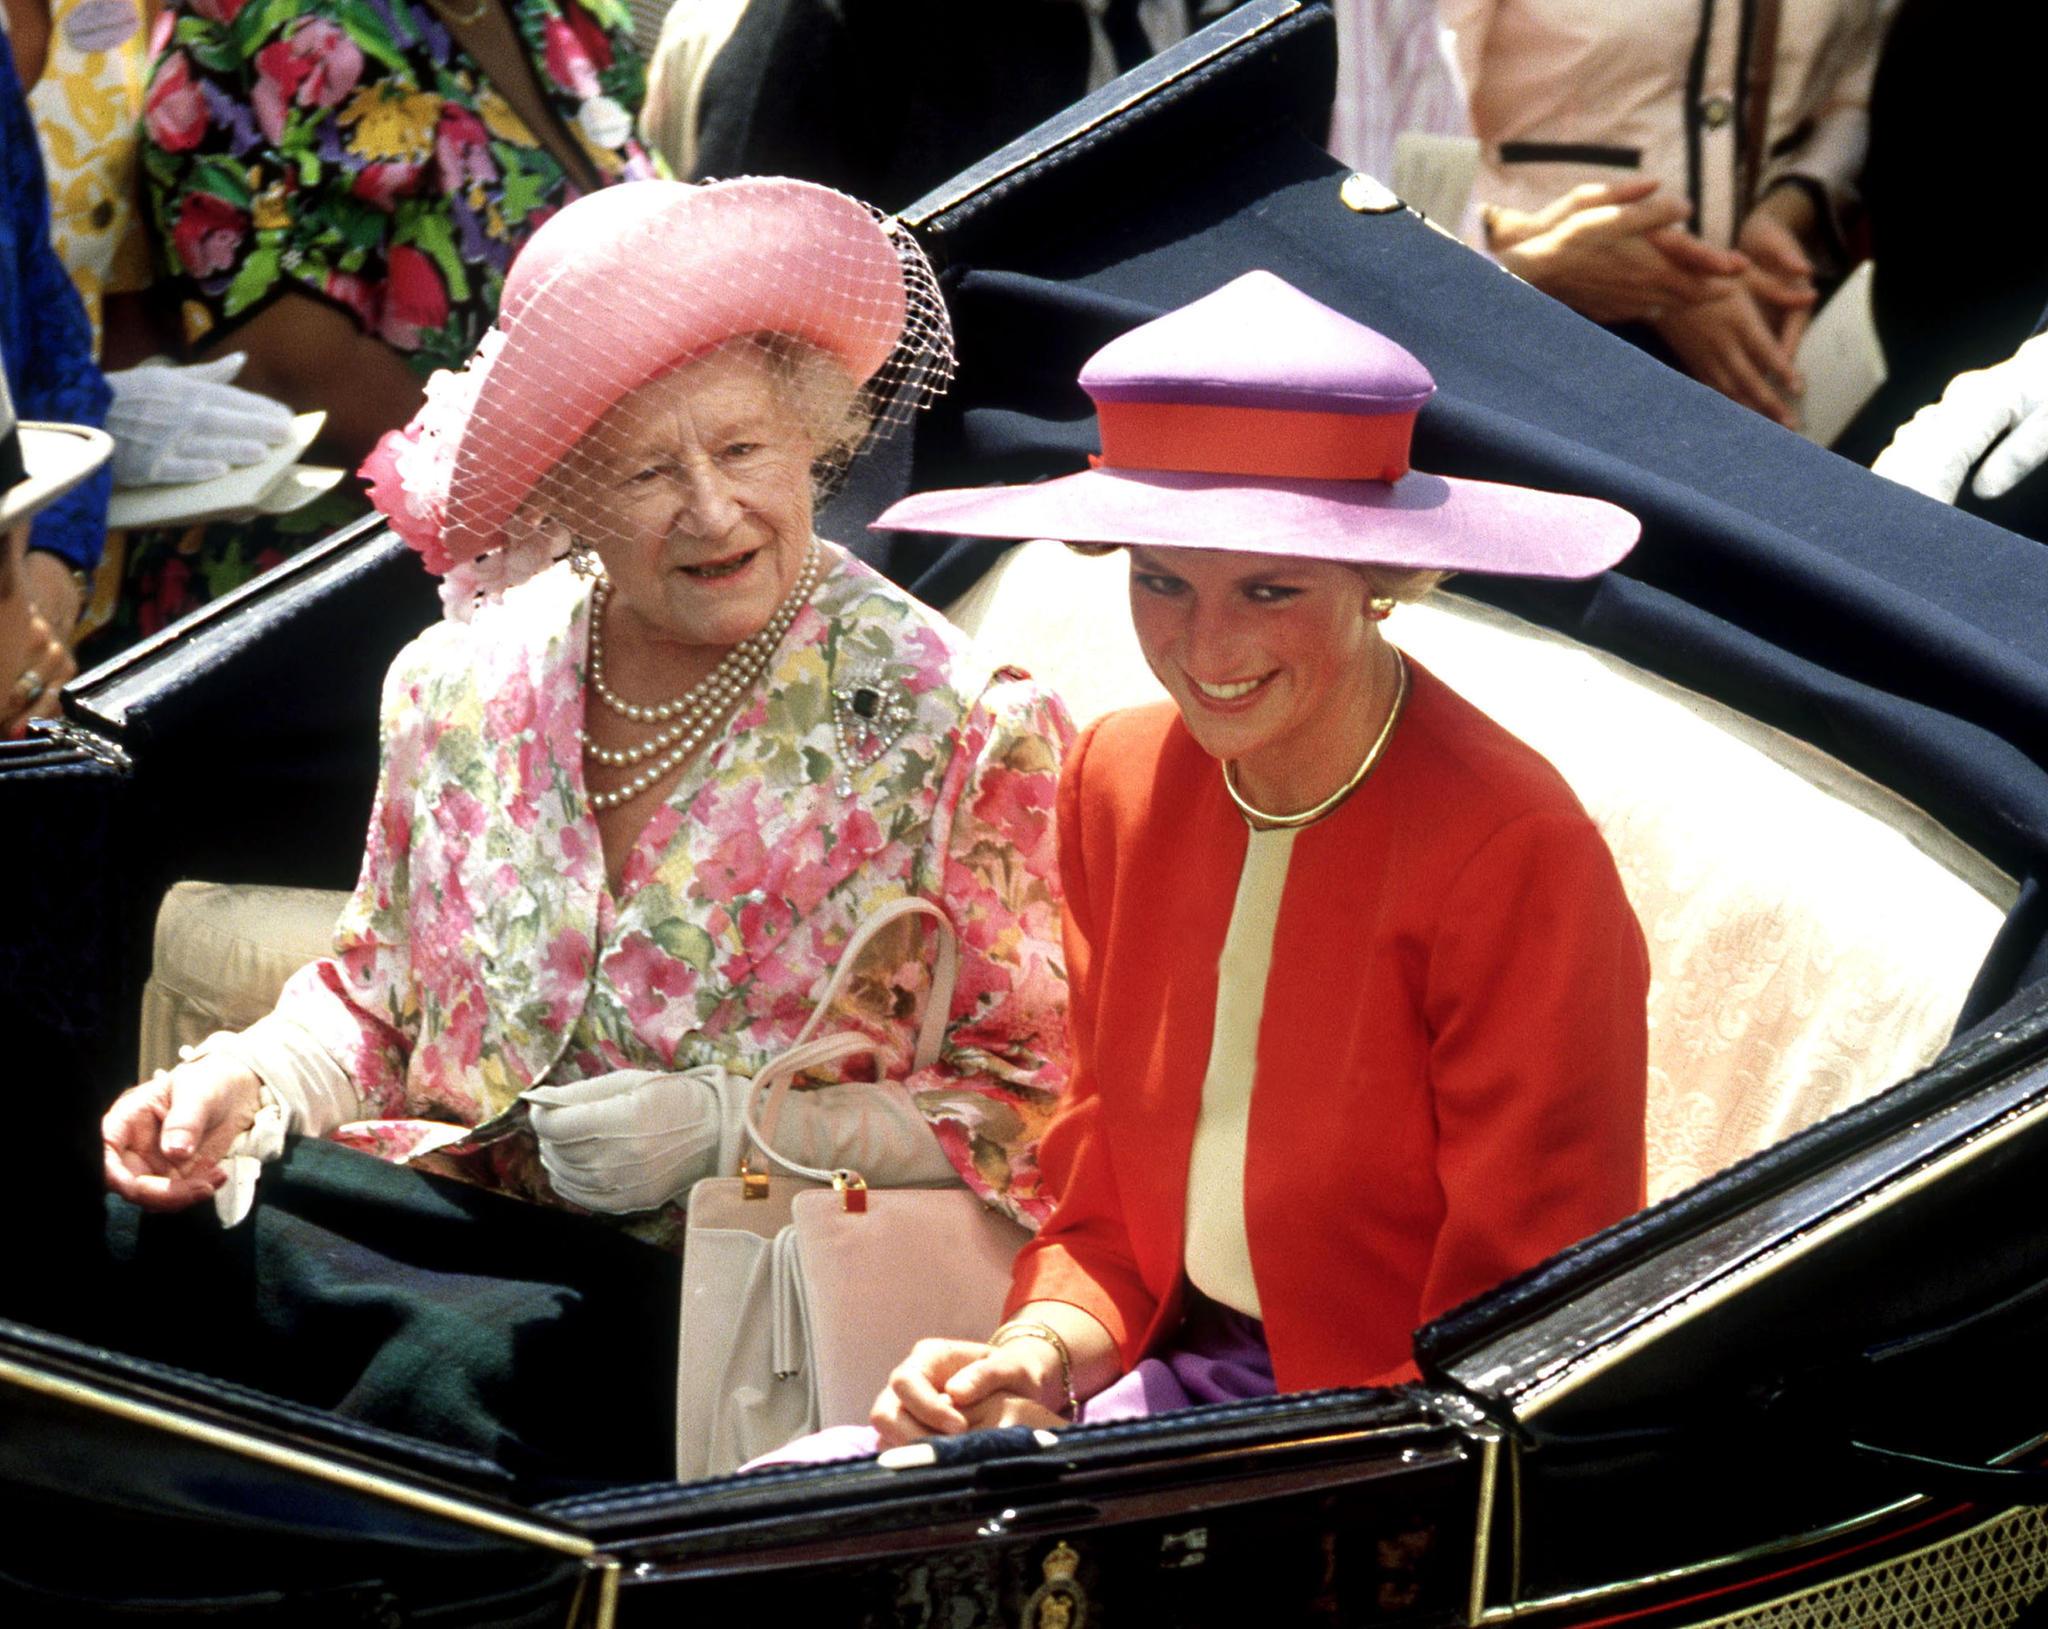 Queen Mum und Prinzessin Diana auf dem Weg zum Royal Ascot Rennen im Juni 1981. Jahre später soll der Geist von Diana auf Sandringham für Unruhe gesorgt haben.